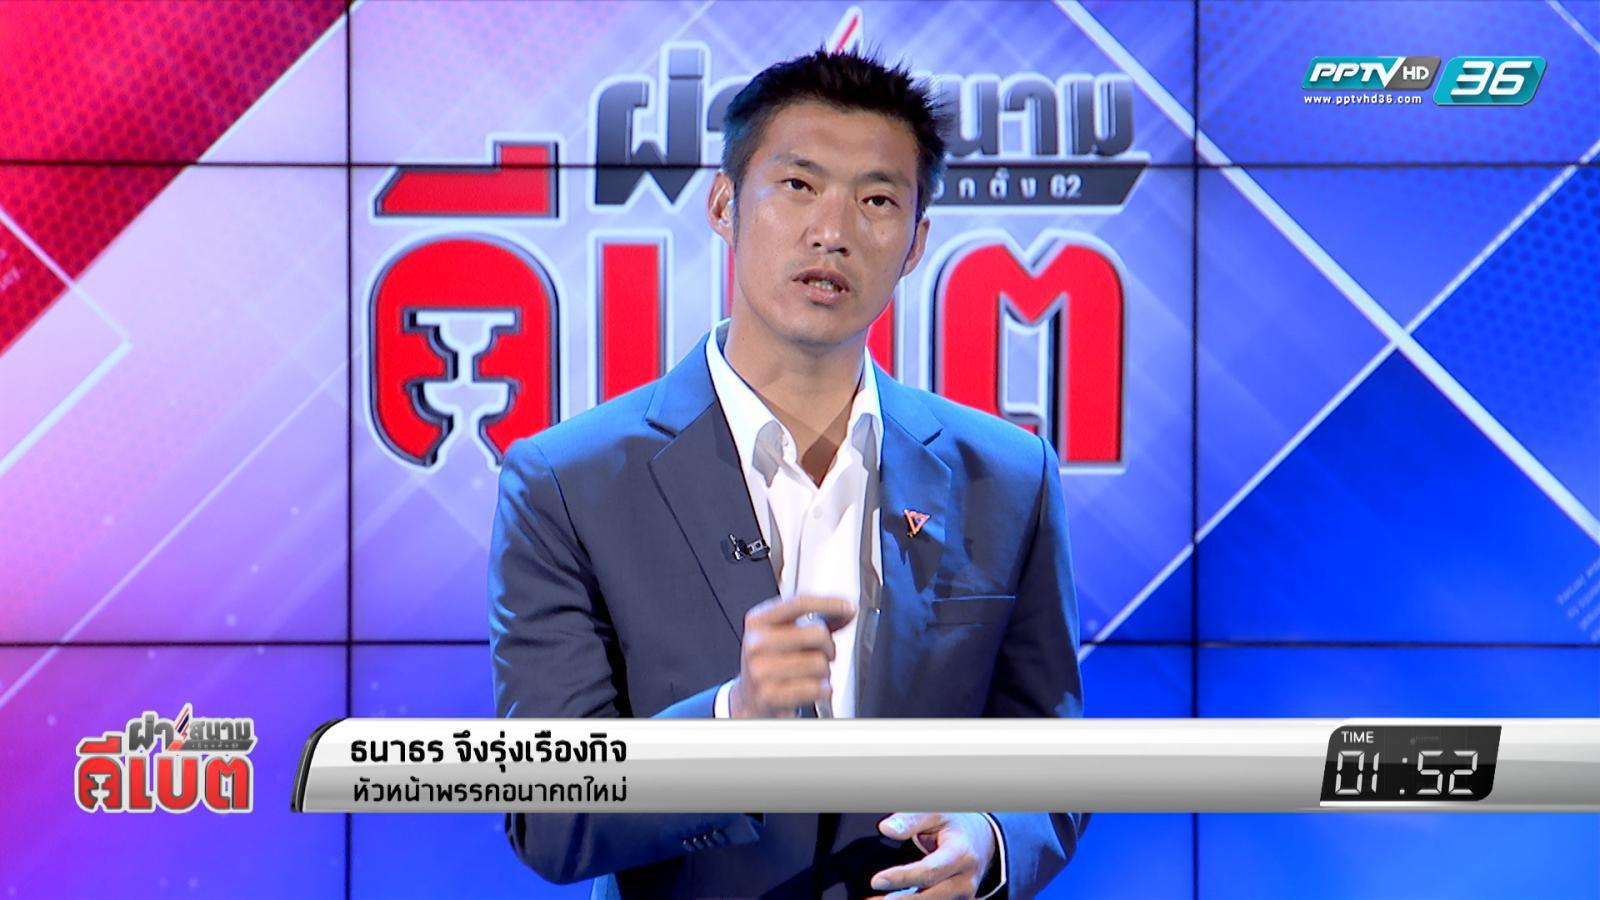 """""""ธนาธร"""" ชู นโยบายโรงเรียนปลอดภัย นักเรียนแสดงความเห็น ไม่โดนล้อเลียน หรือ โดนครูทำโทษ"""